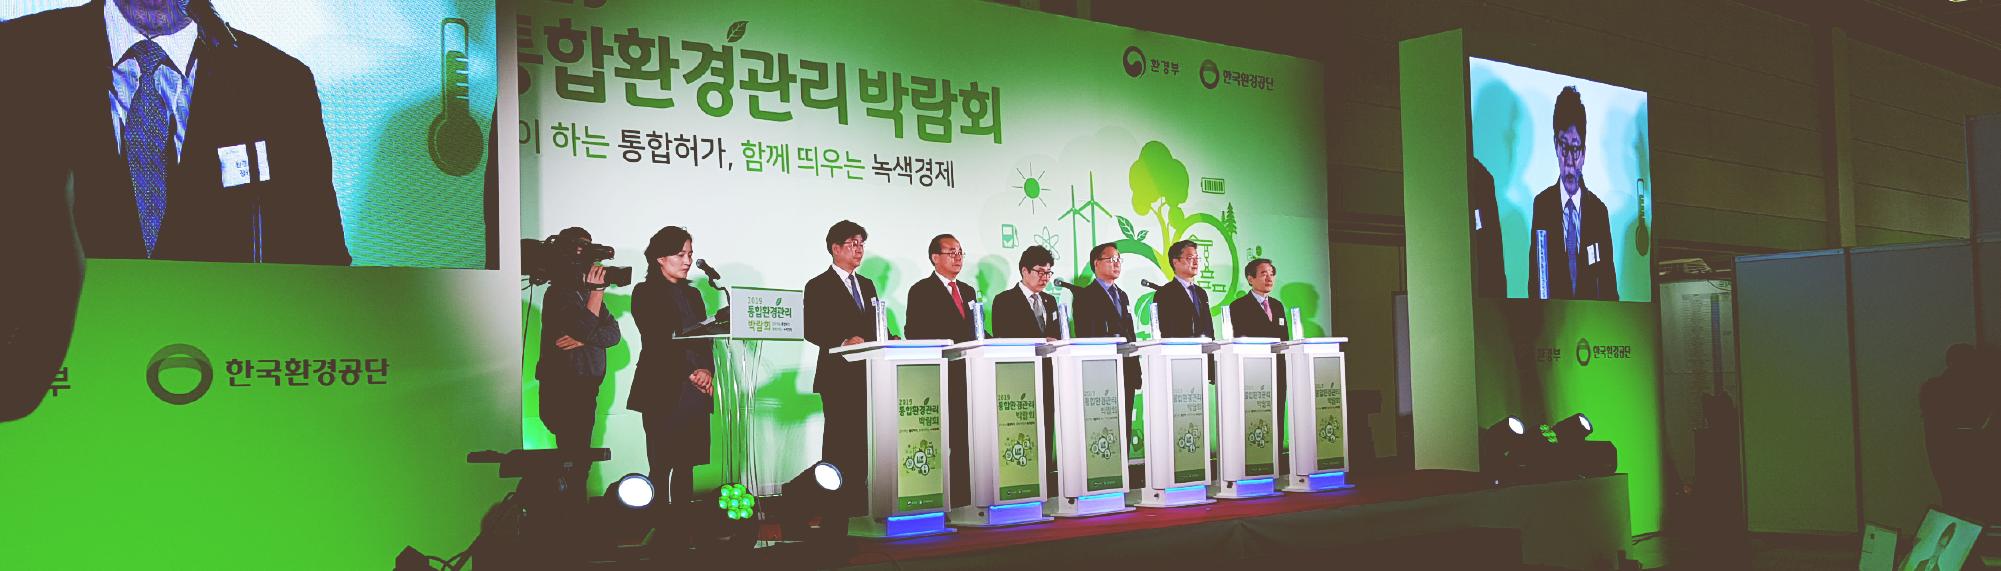 2019 통합환경관리 박람회